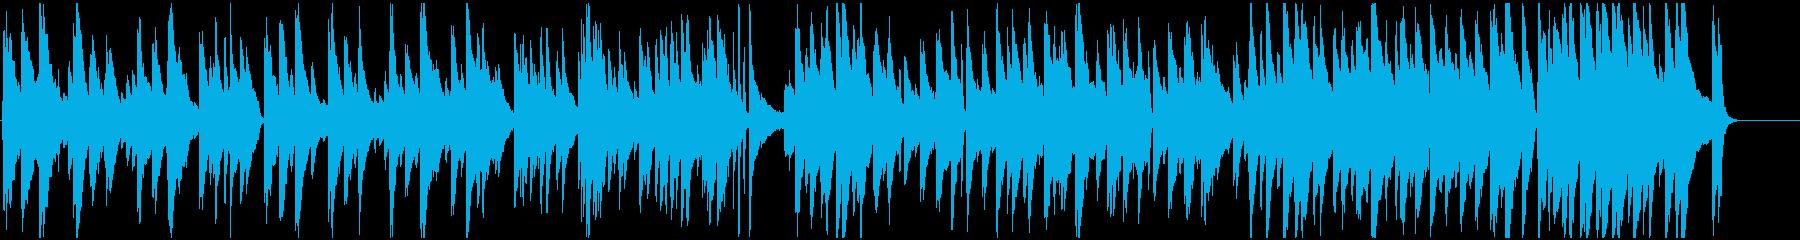 なめらかで癒しあるピアノメロディーの再生済みの波形